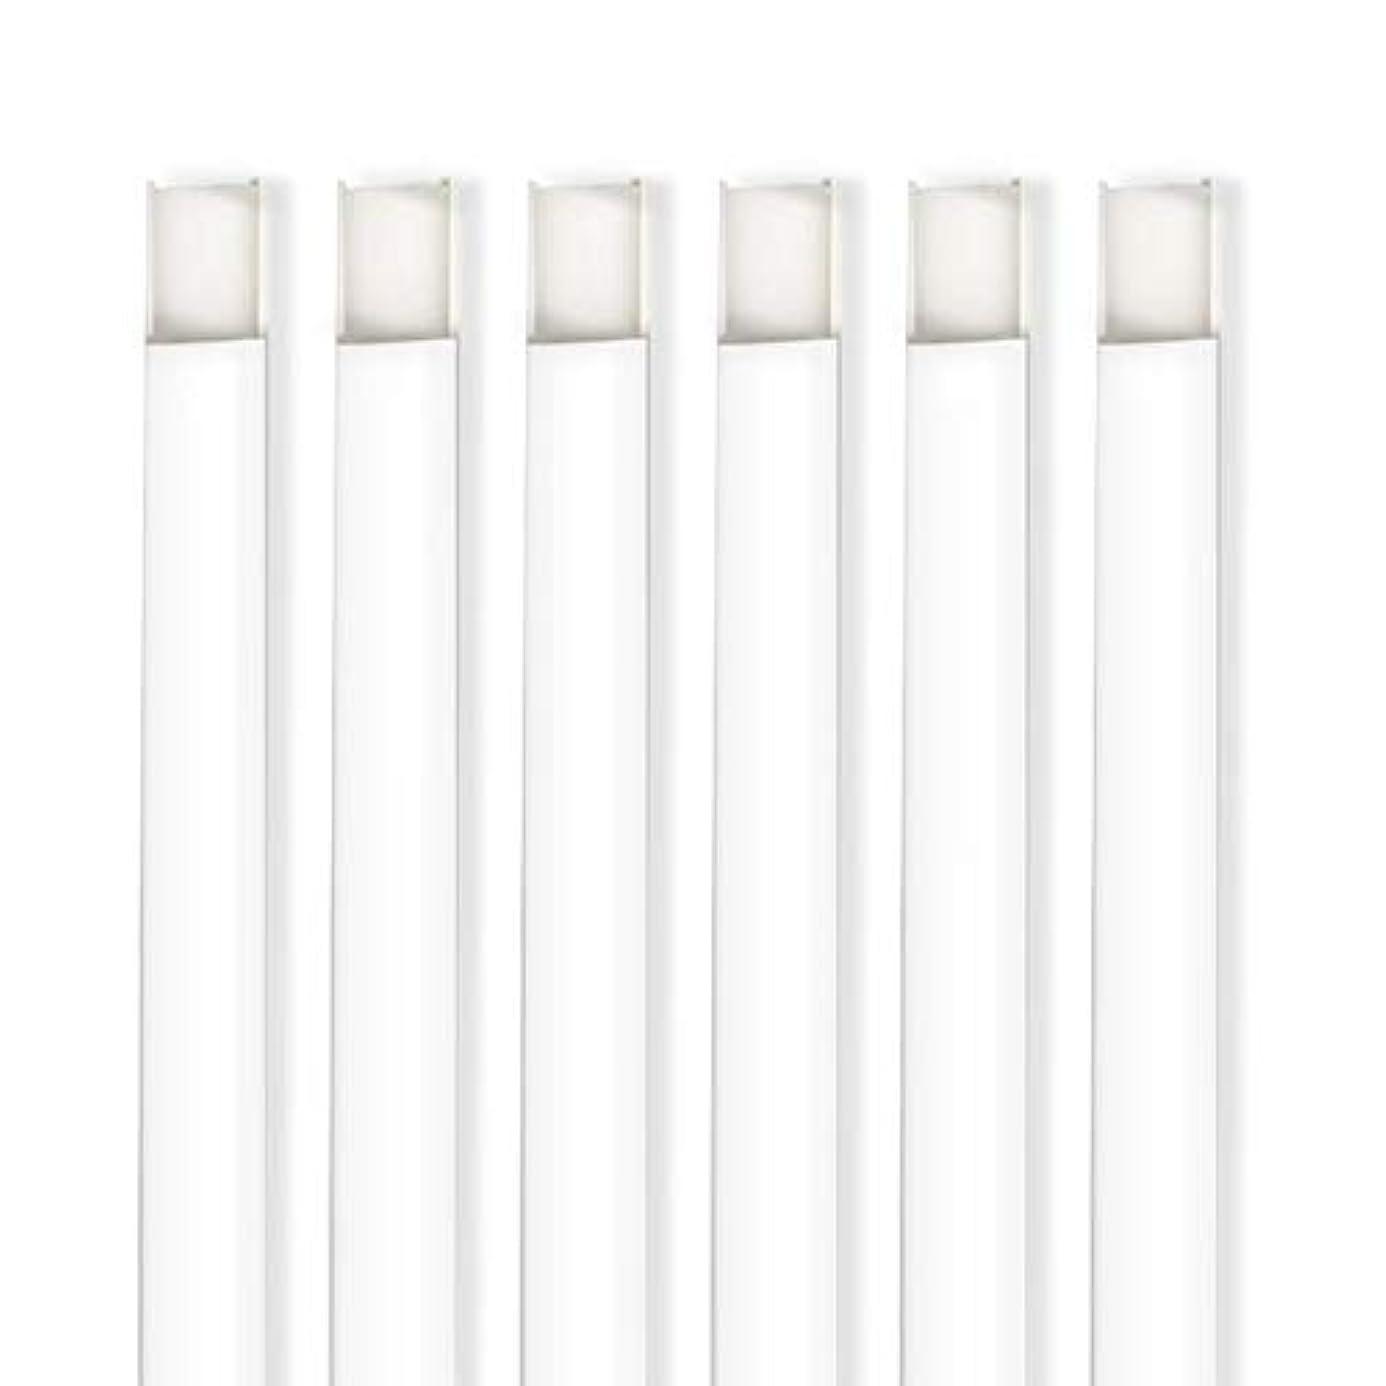 不満令状どっちケーブルカバー 配線カバー 配線モール 電線ケーブルカバーケーブルプロテクター テープ ケーブル モール コードプロテクター ホワイト (組み合わせ1)